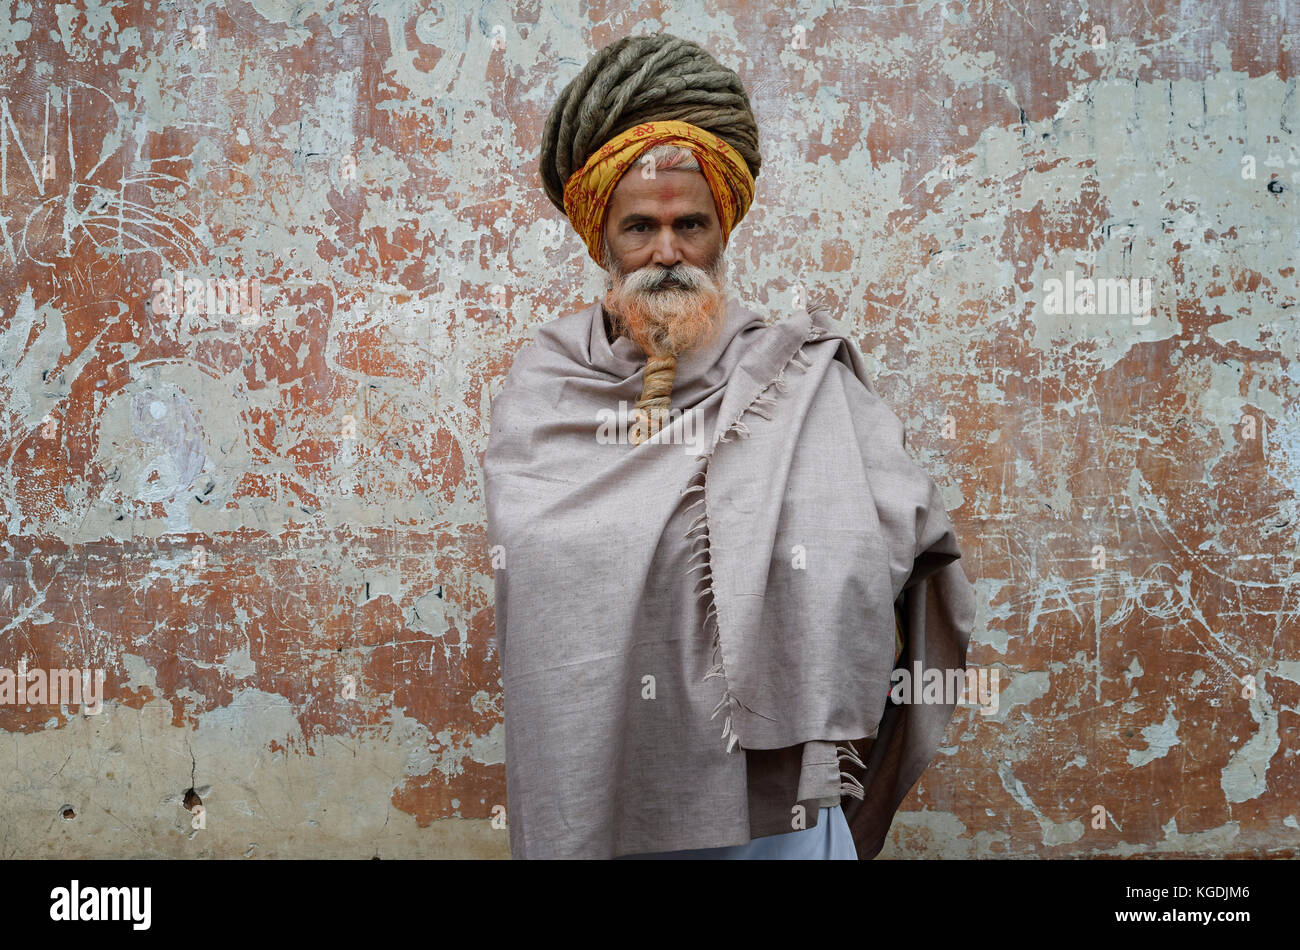 Hinduist Sadhu, Holy Man, Pashupatinath Temple, Kathmandu, Nepal Stock Photo